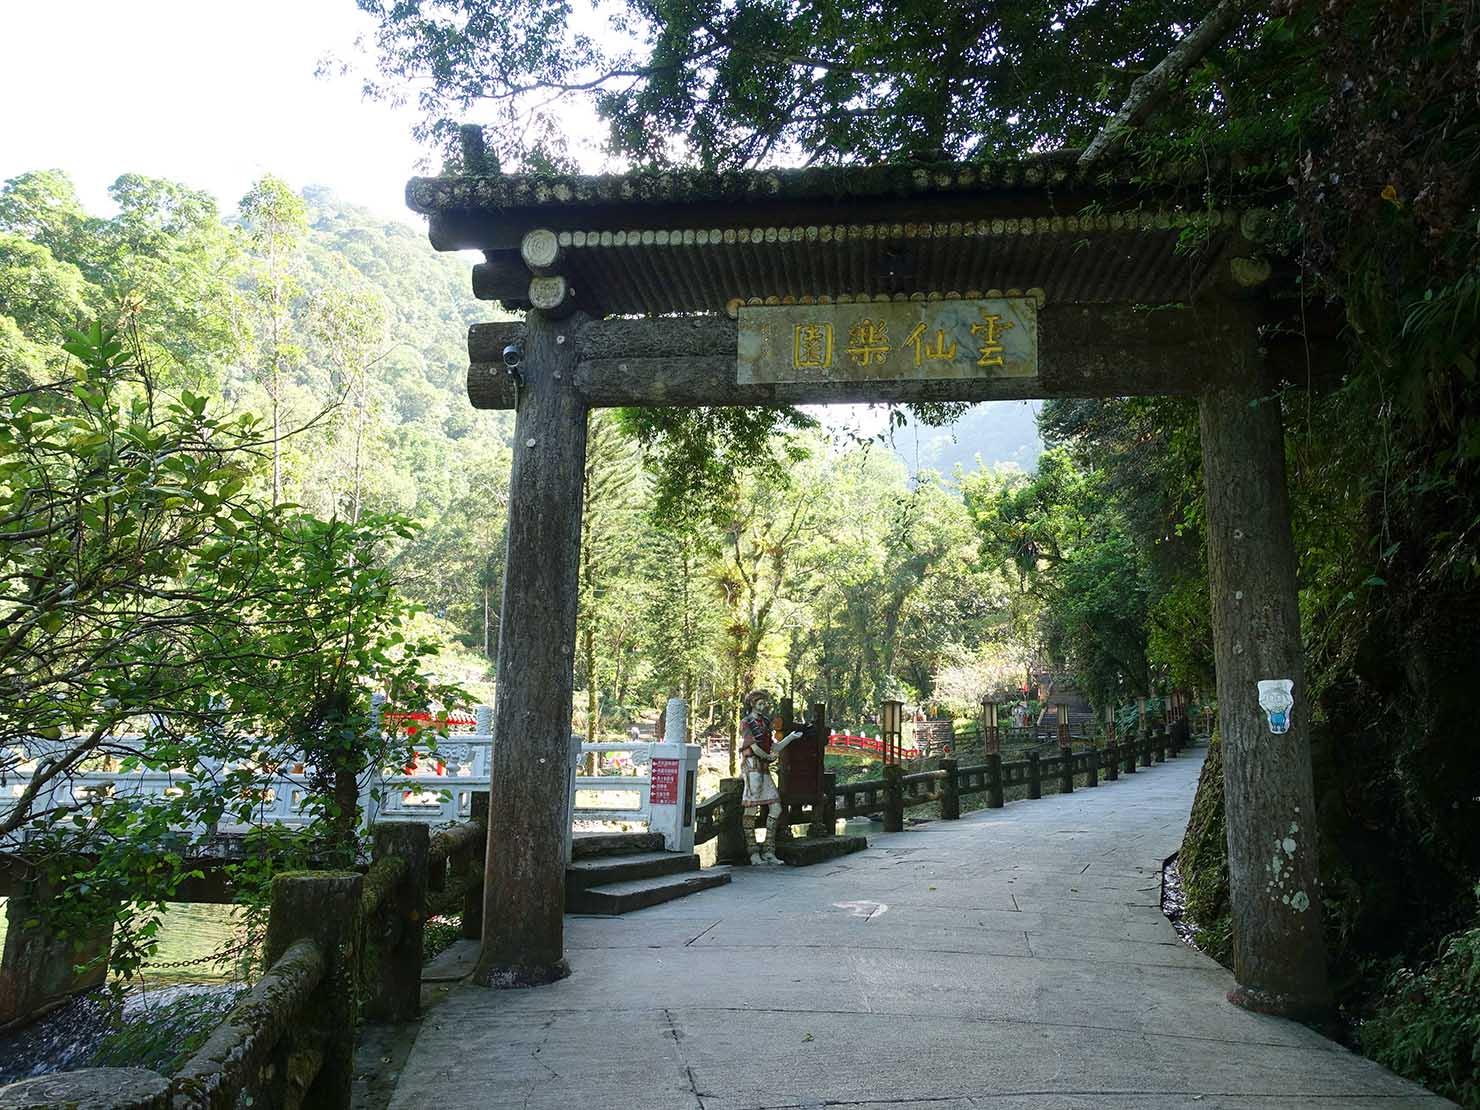 台北・烏來温泉から行けるテーマパーク「雲仙樂園」エントランス